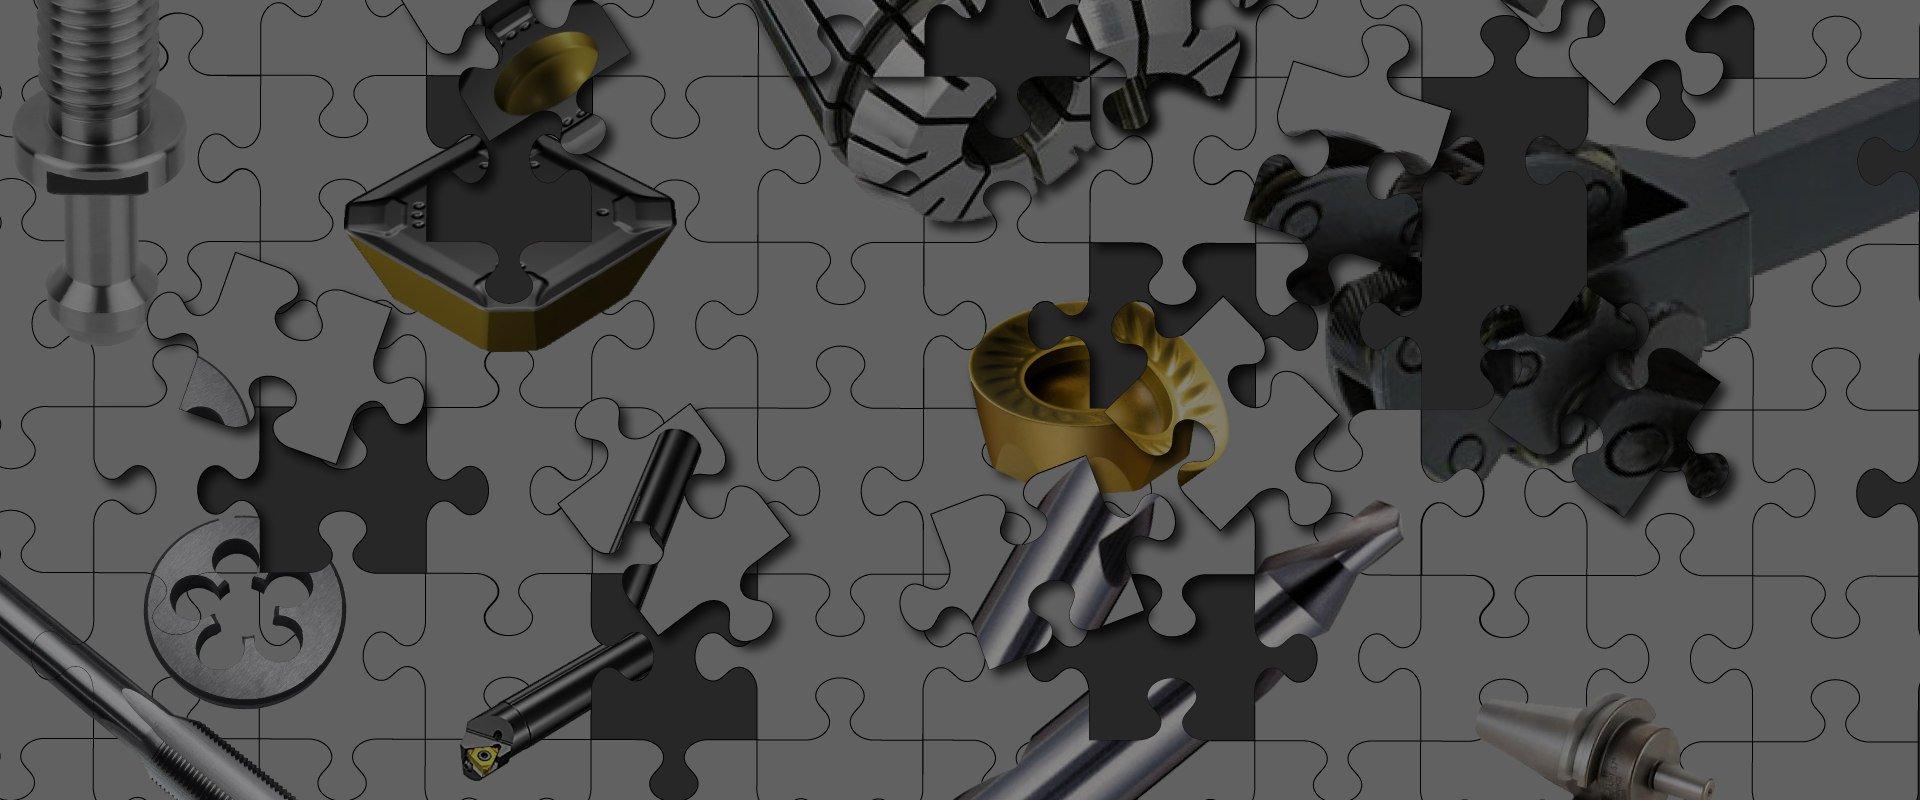 page header puzzle